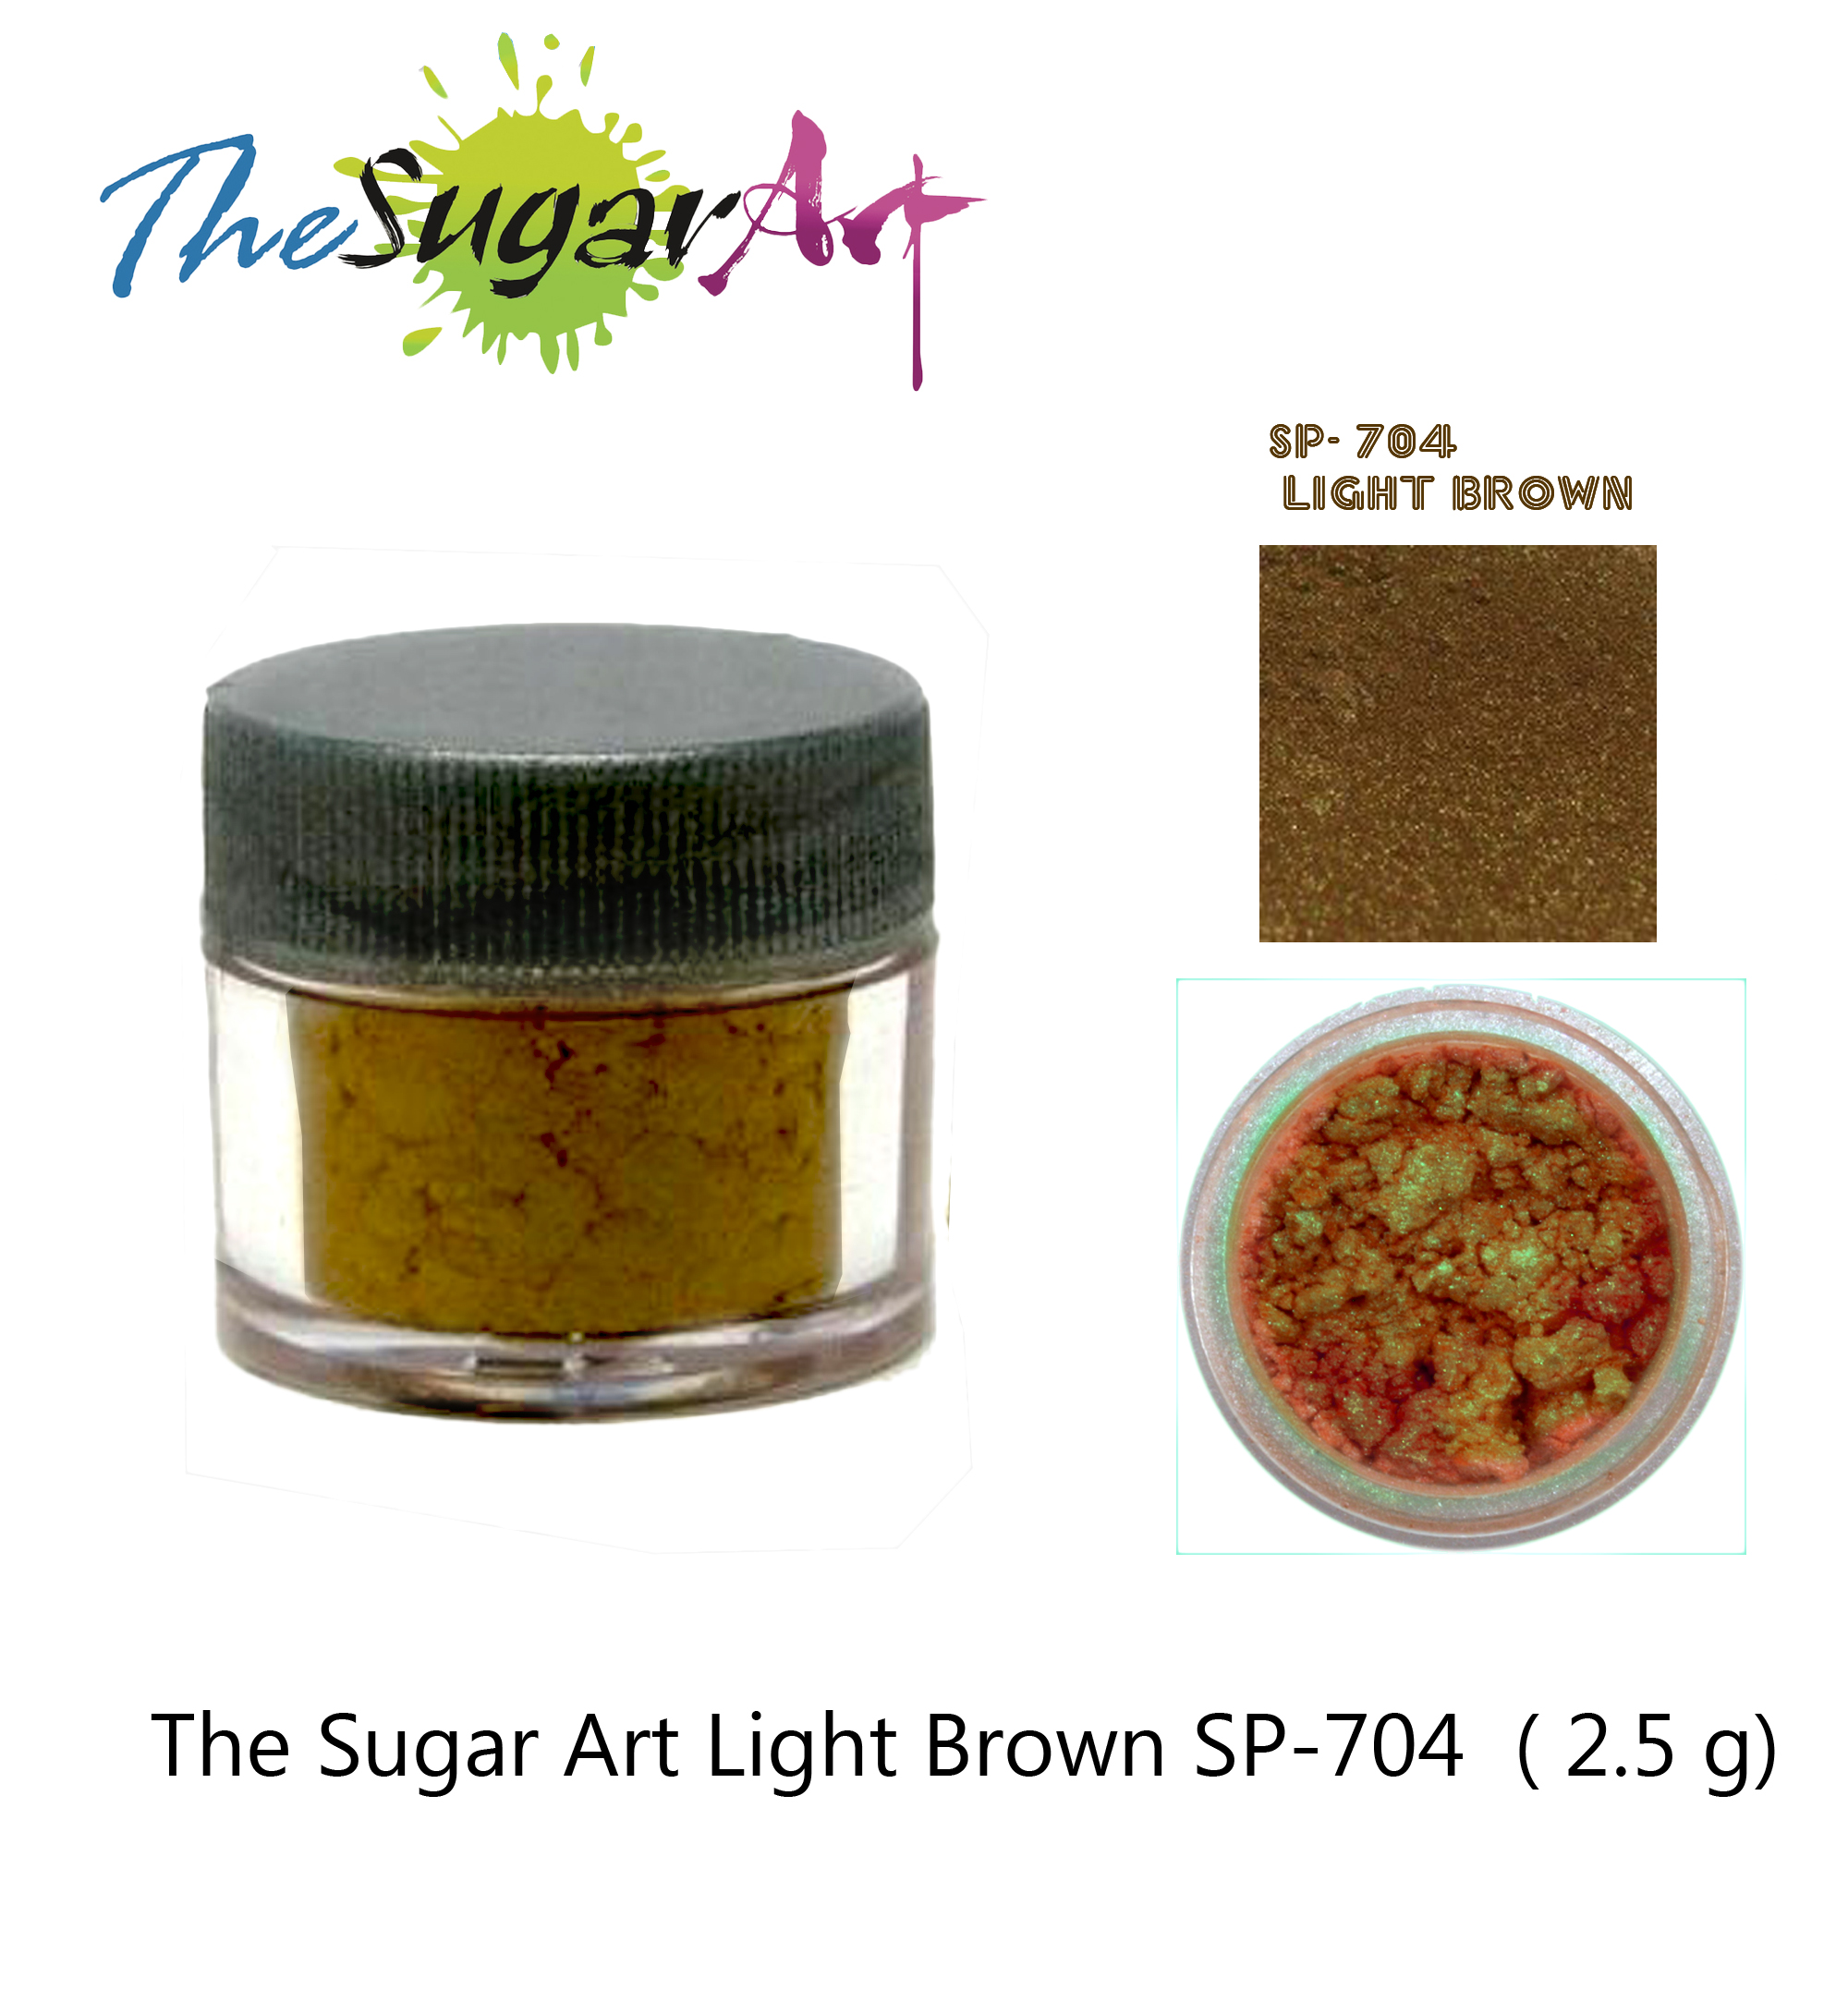 The Sugar Art Light Brown SP-704 (2.5 g.)